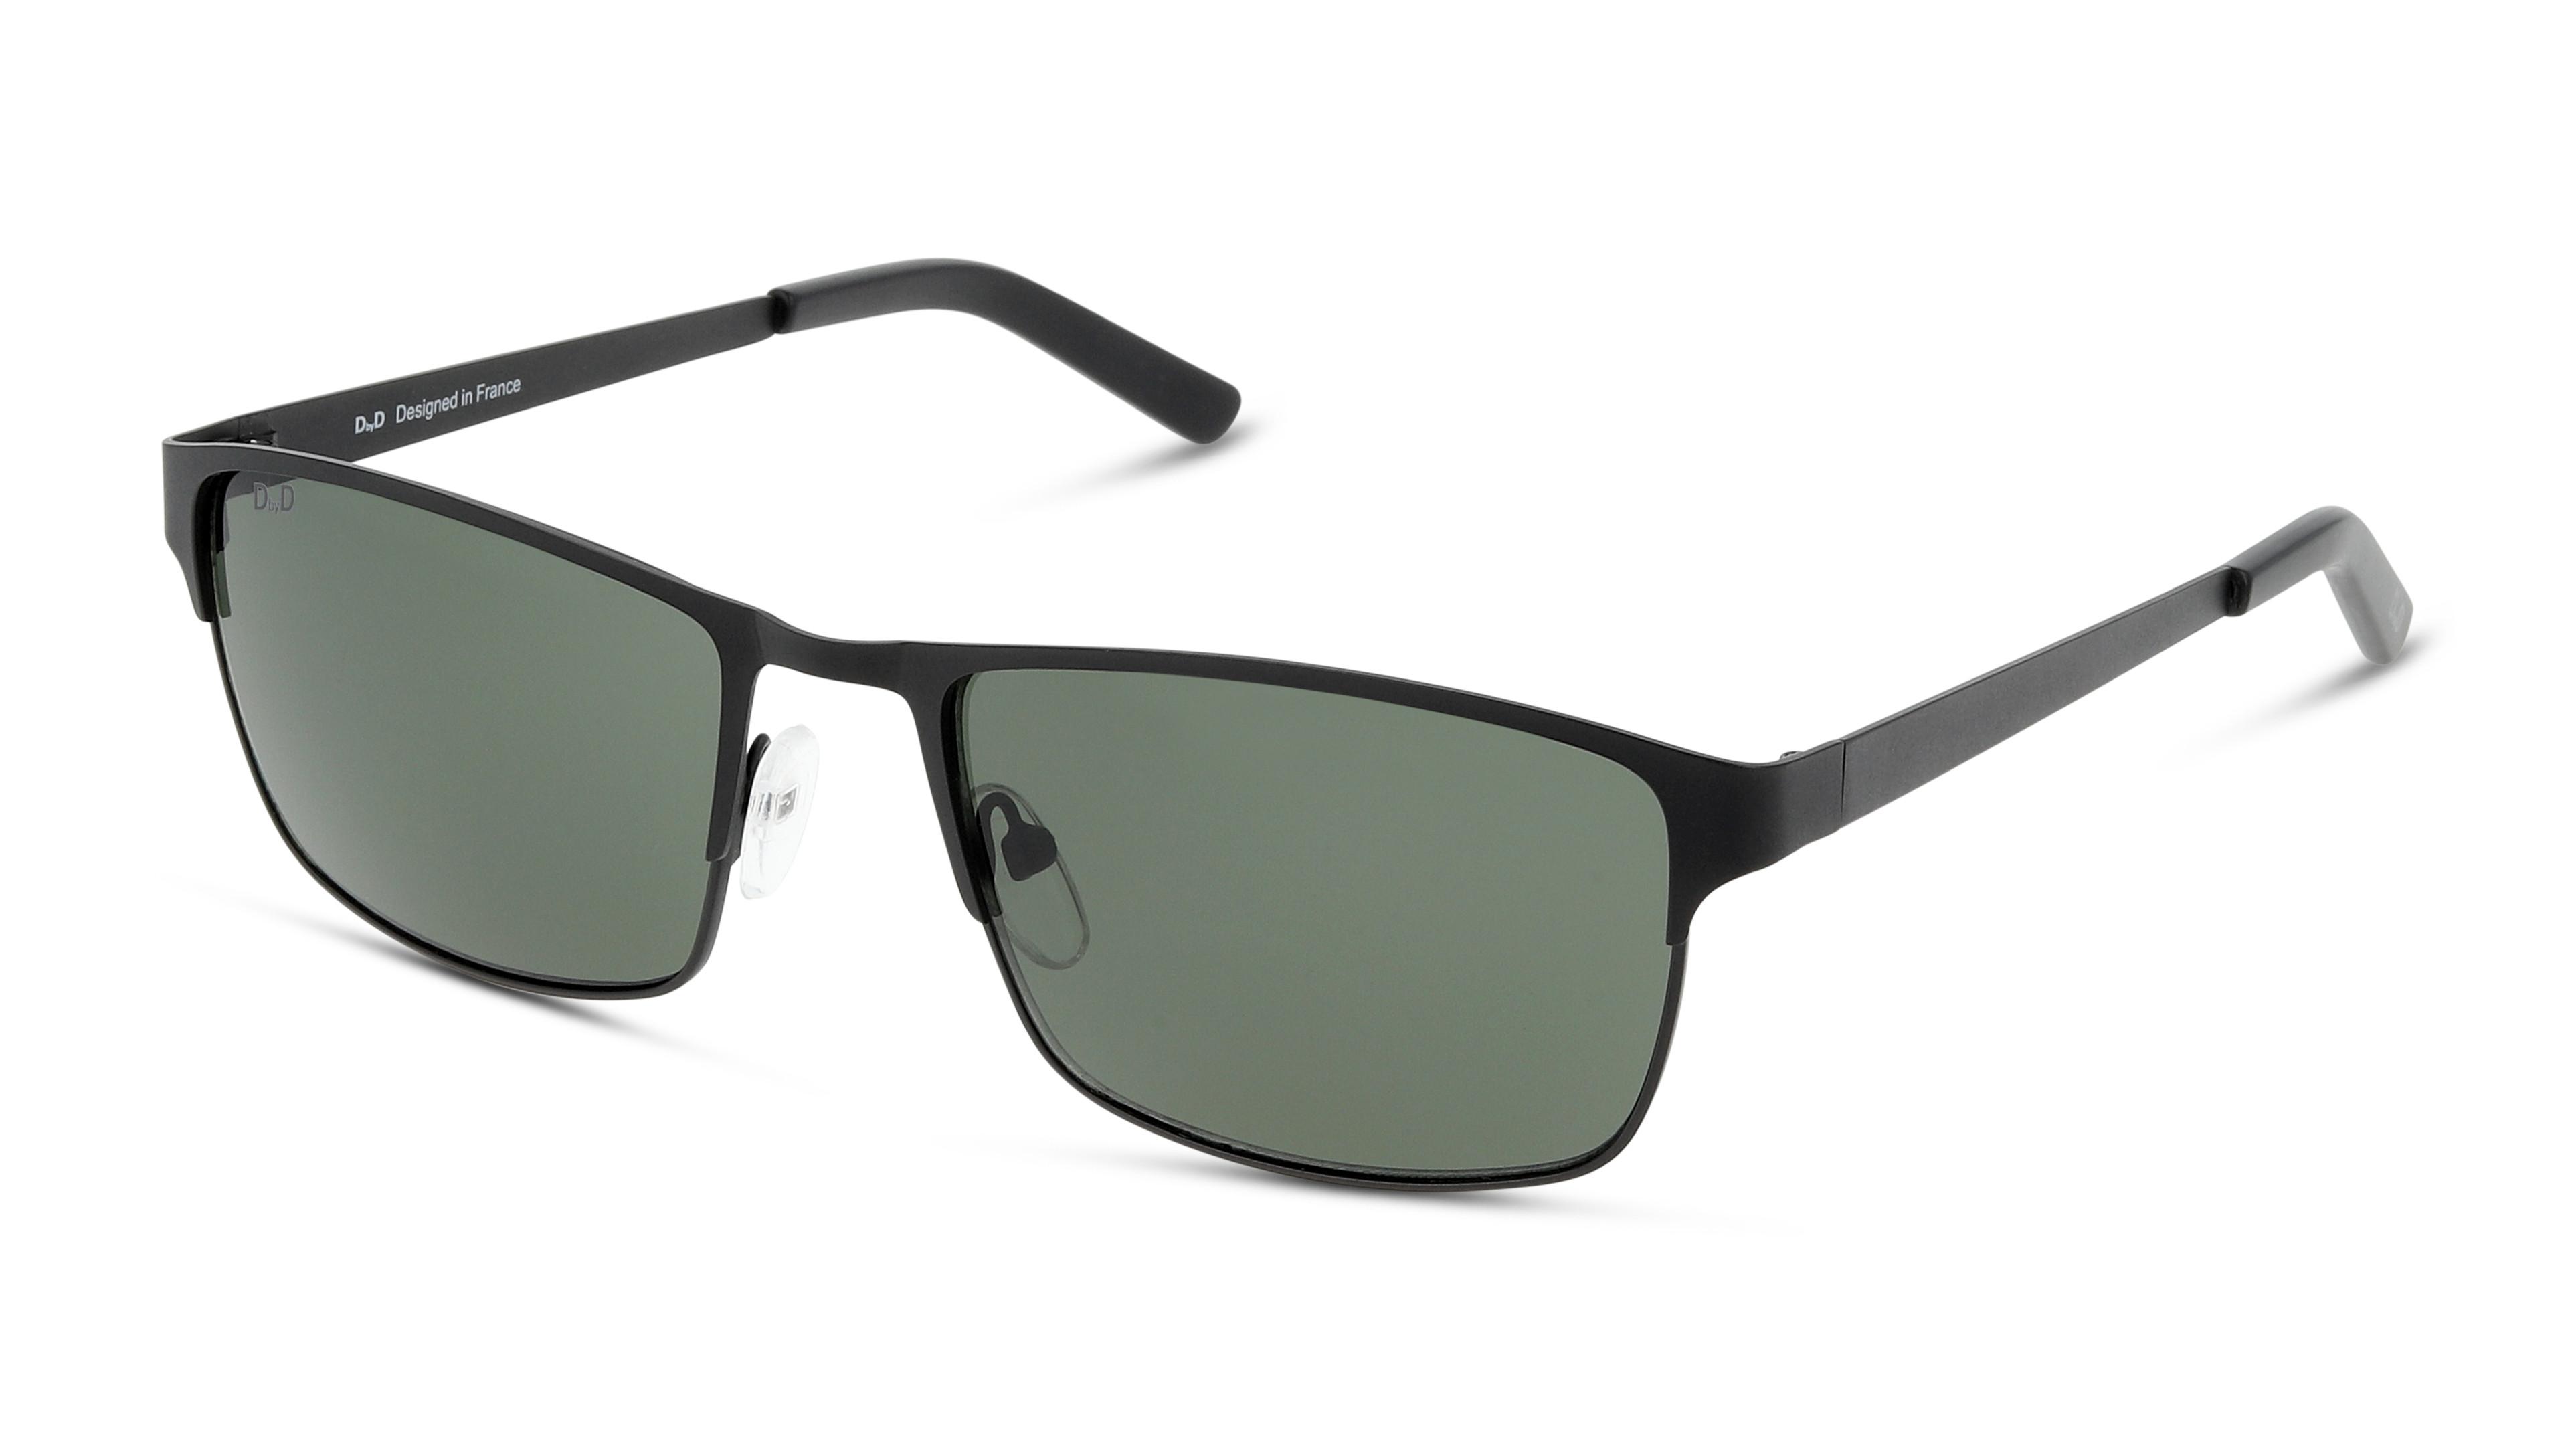 8719154733246-angle-03-dbyd-dbsm0016-eyewear-black-black